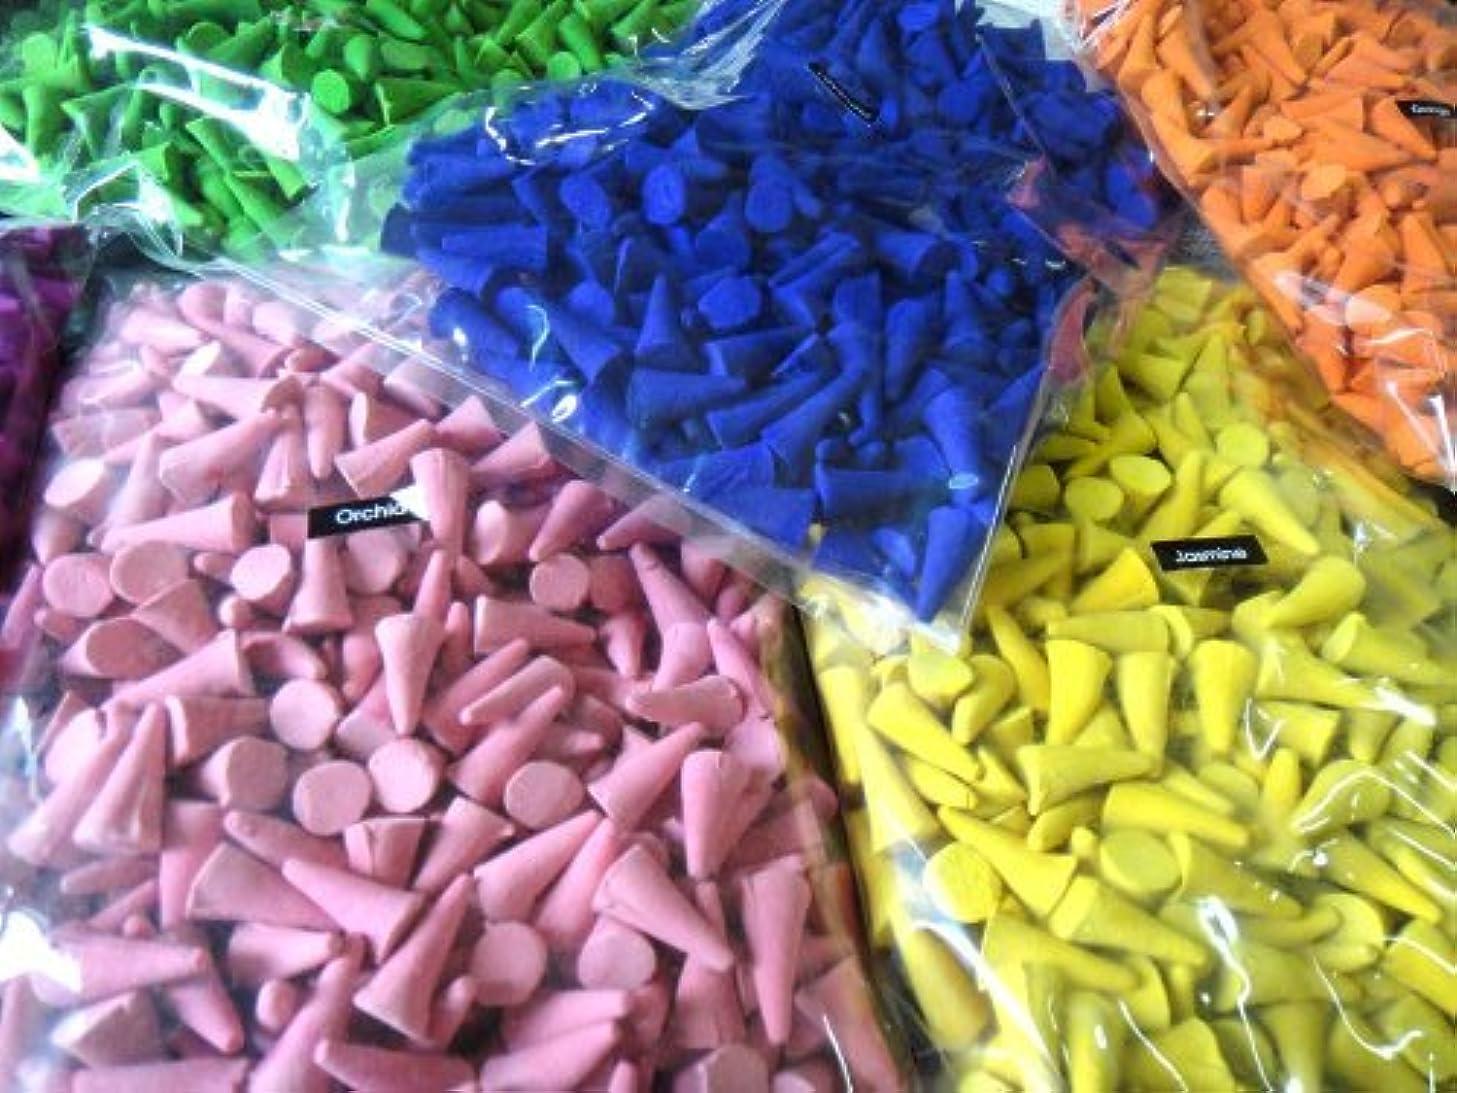 ハーブ氏進化するIncense Conesミックスのさまざまな香り(パックof 100?Cones ) ThaiEnjoy製品